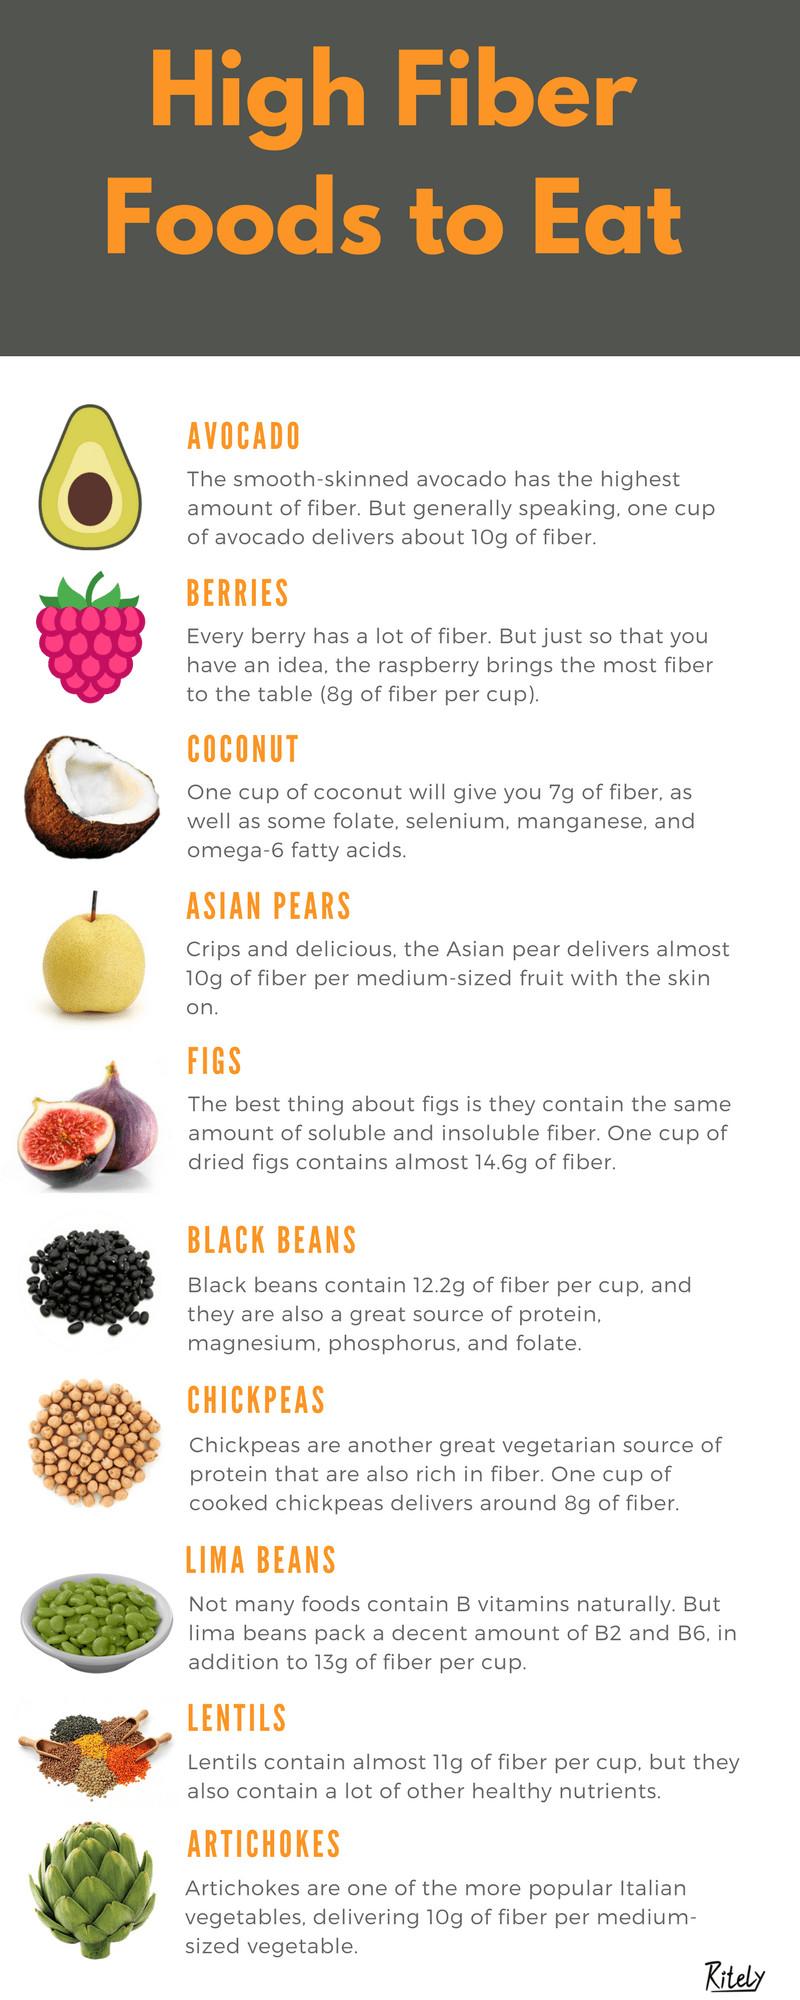 High Fiber Diet Recipes  Best High Fiber Foods for Weight Loss and Regular Bowel